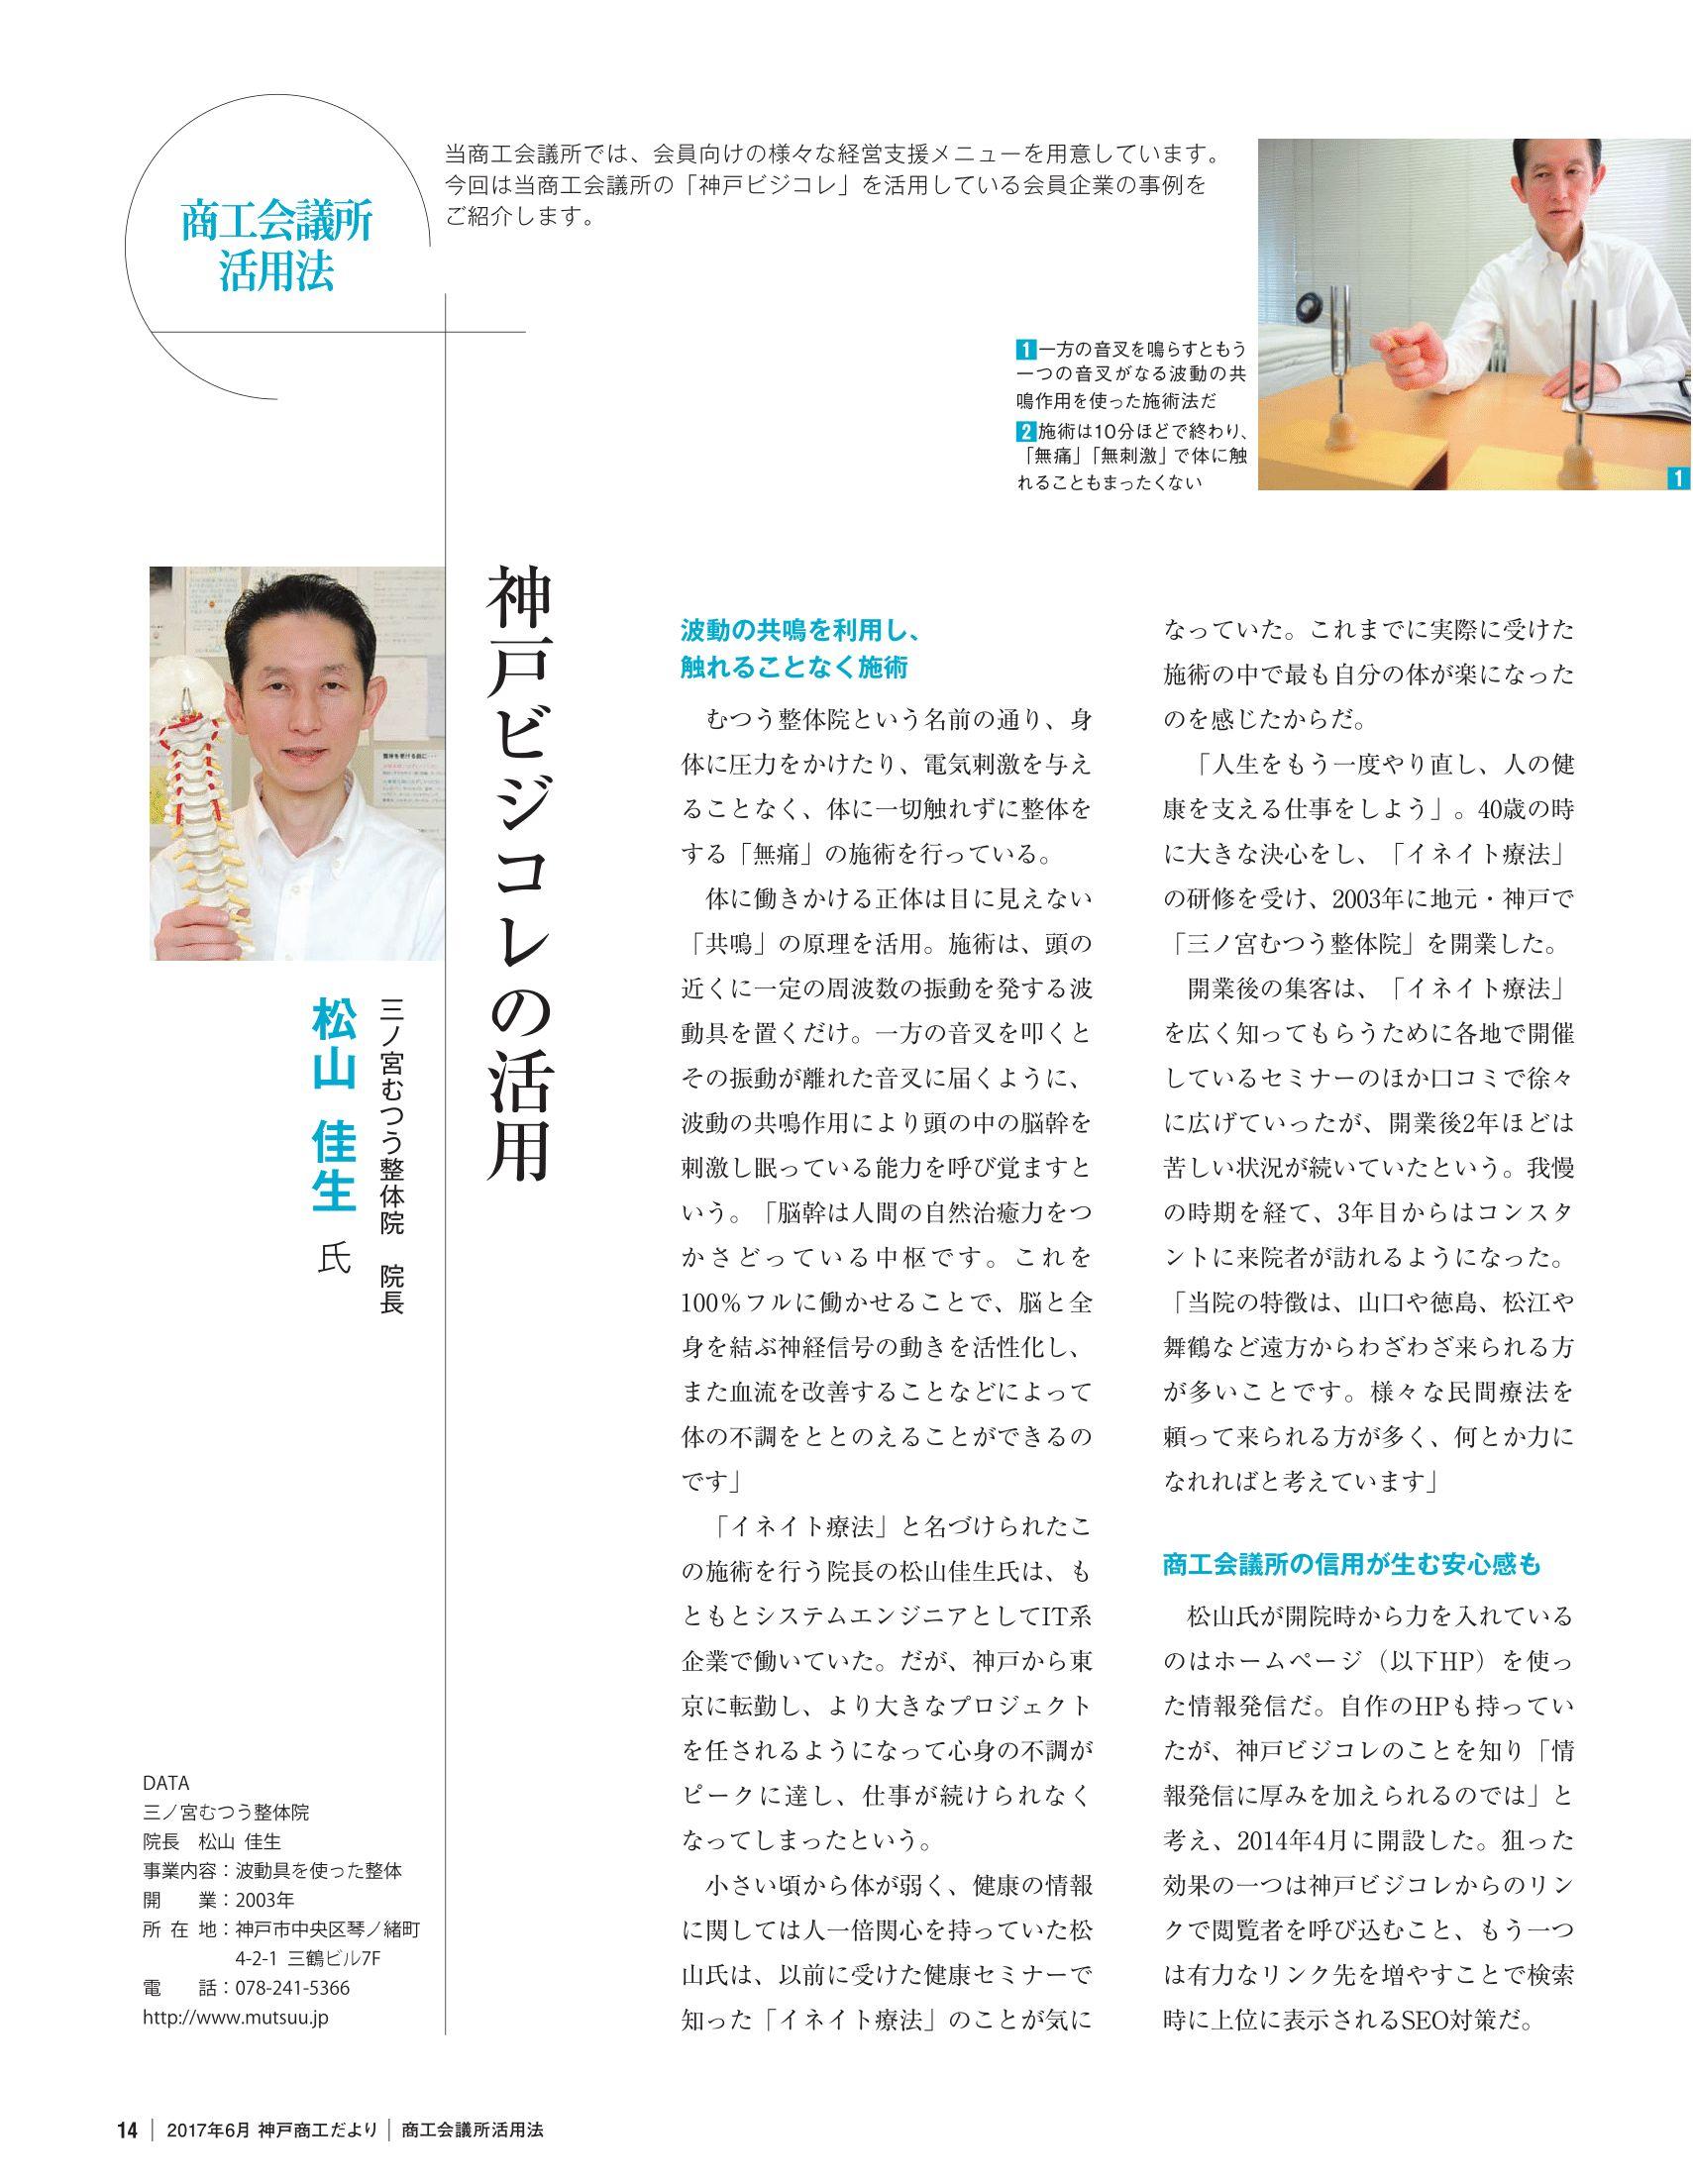 神戸商工だより2017.6月号 三ノ宮むつう整体院掲載記事